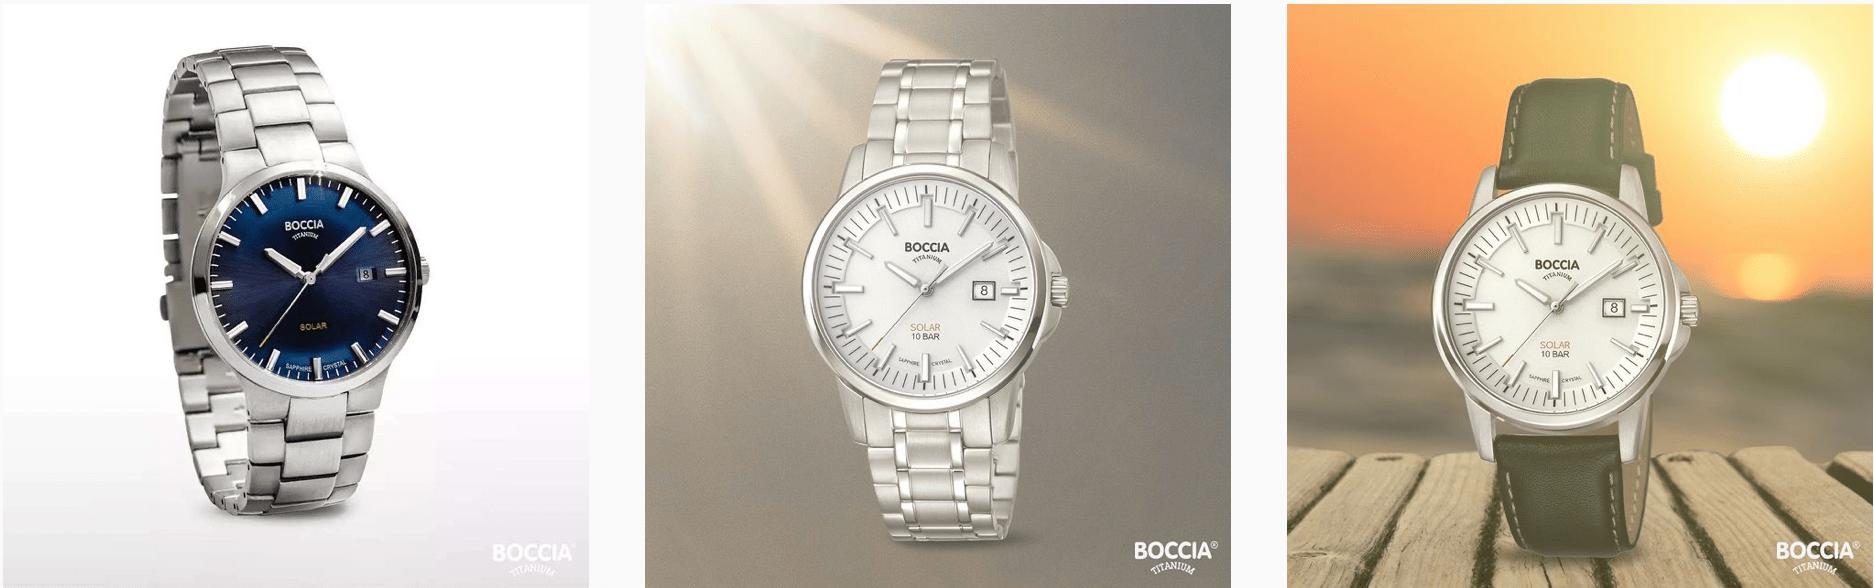 Horloges koop je veilig online bij Juwelier Zilver.nl